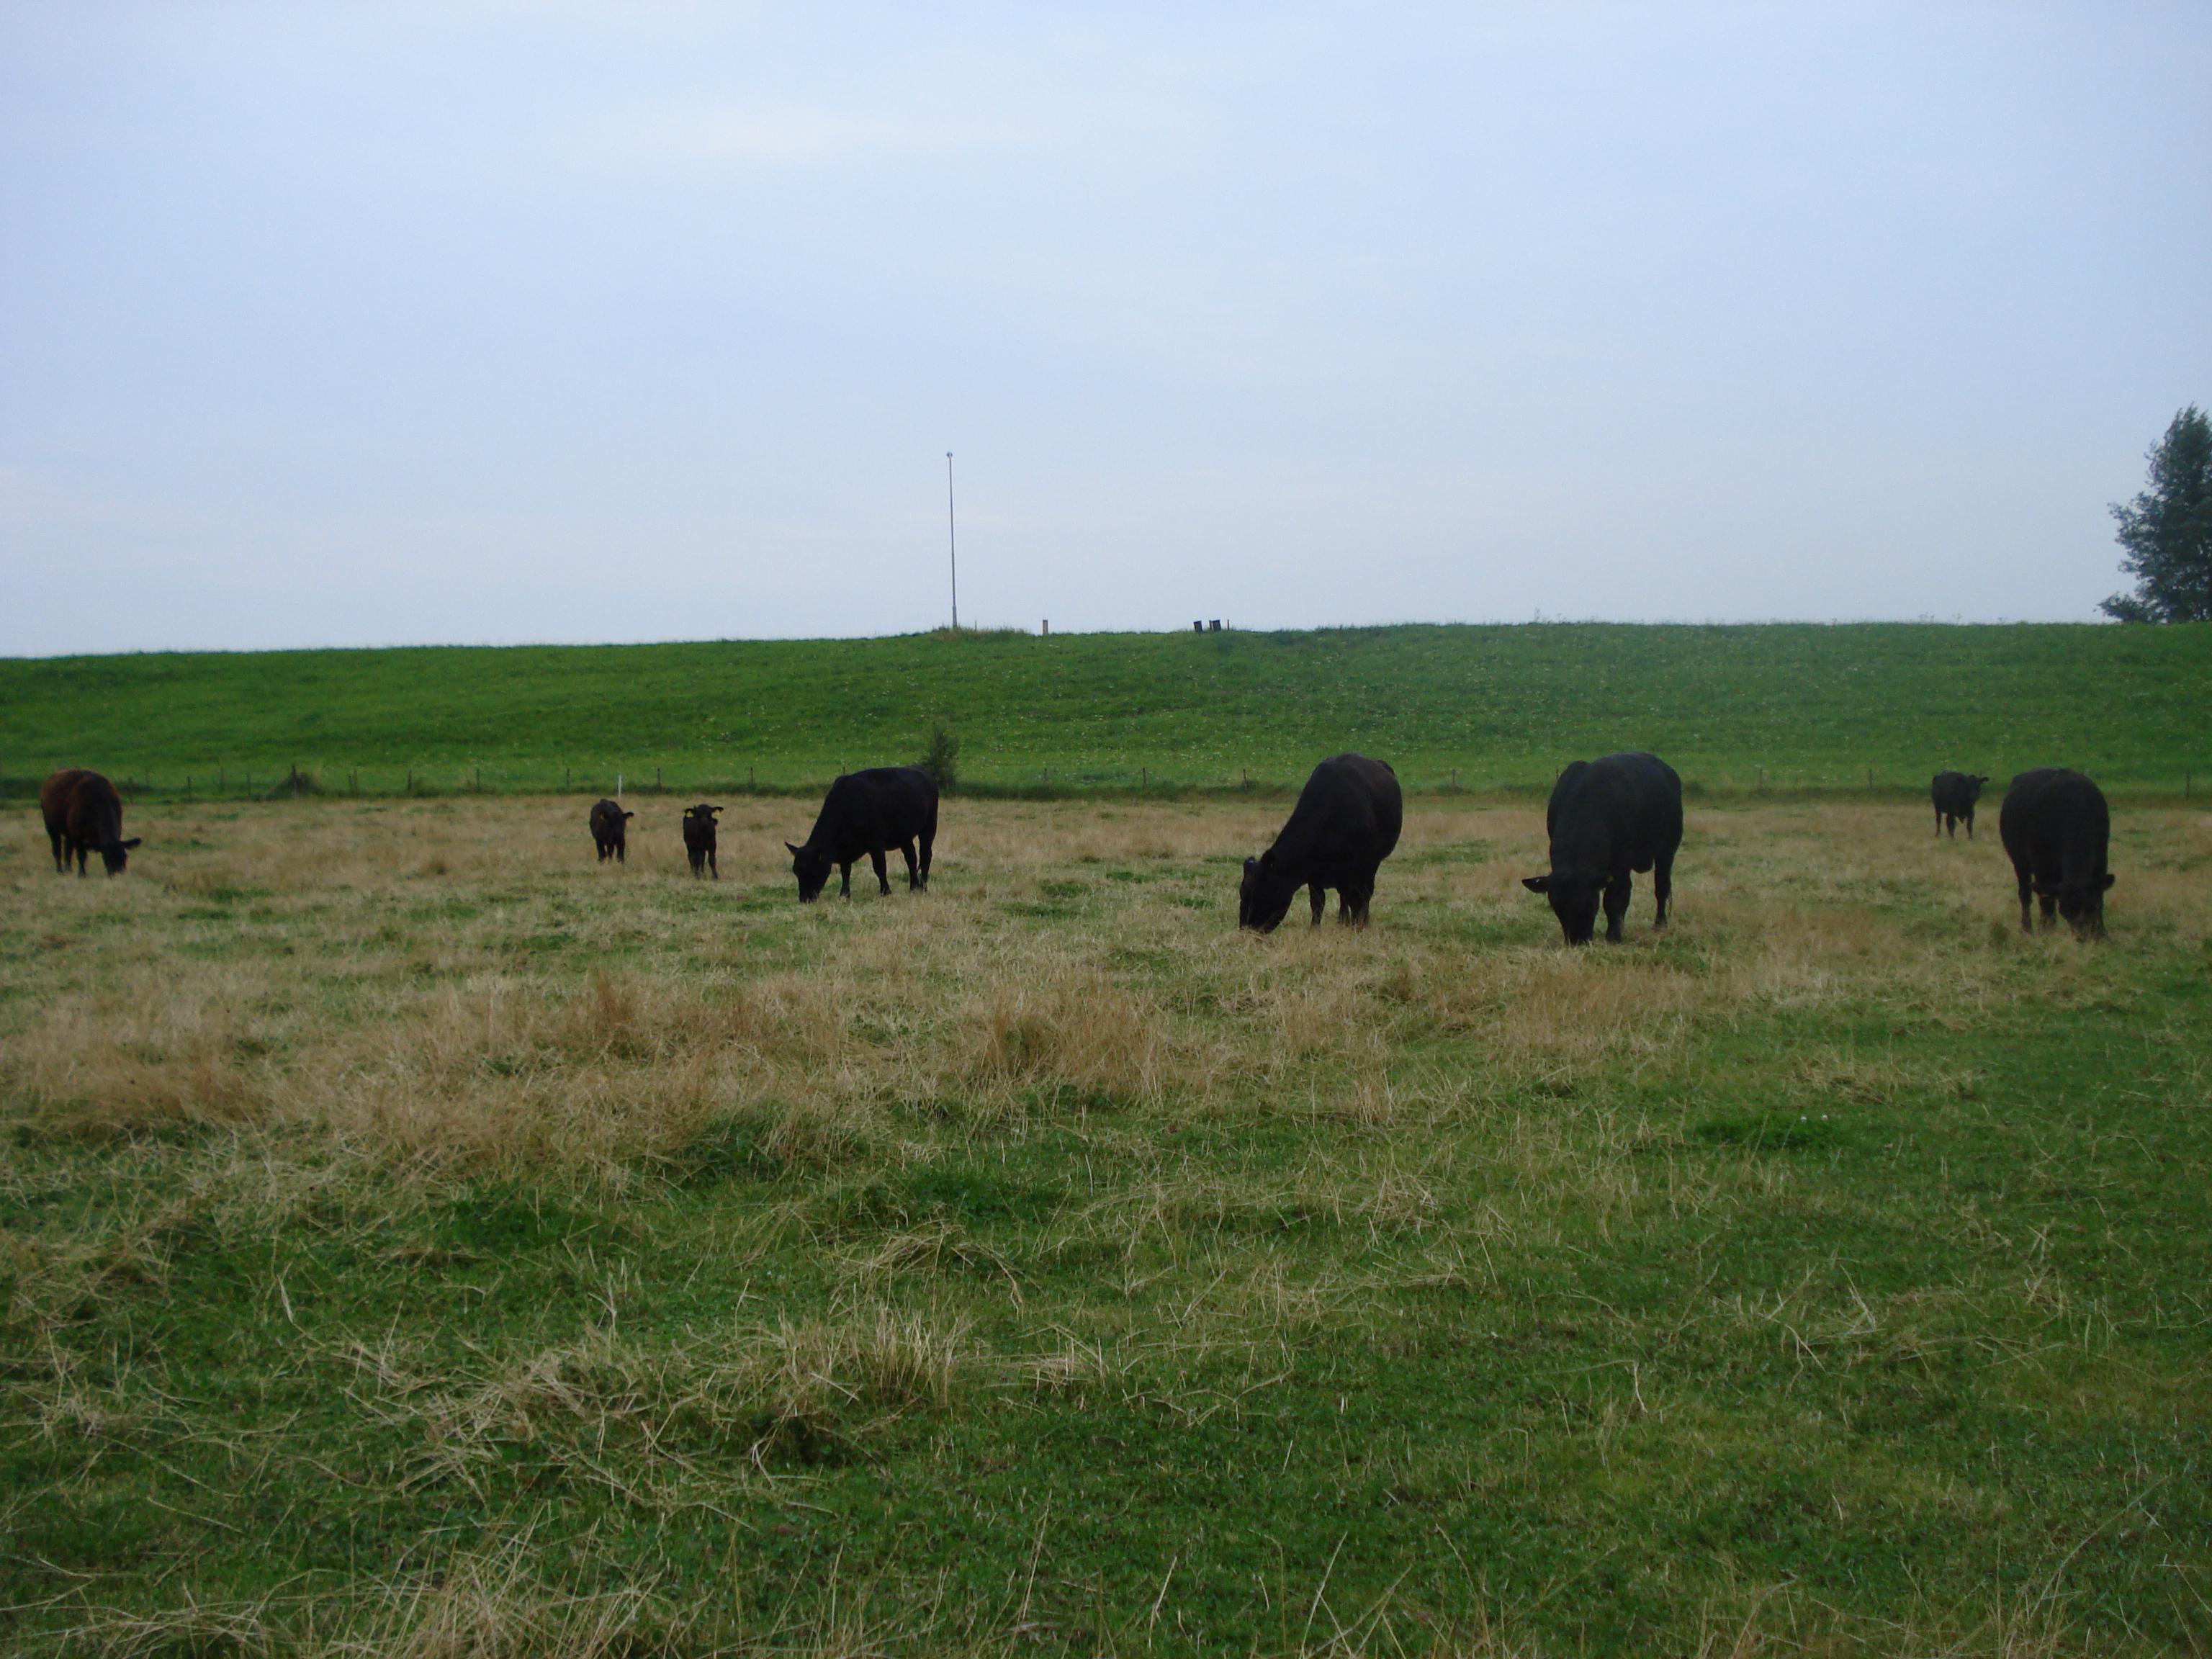 koeien in de wei veraf